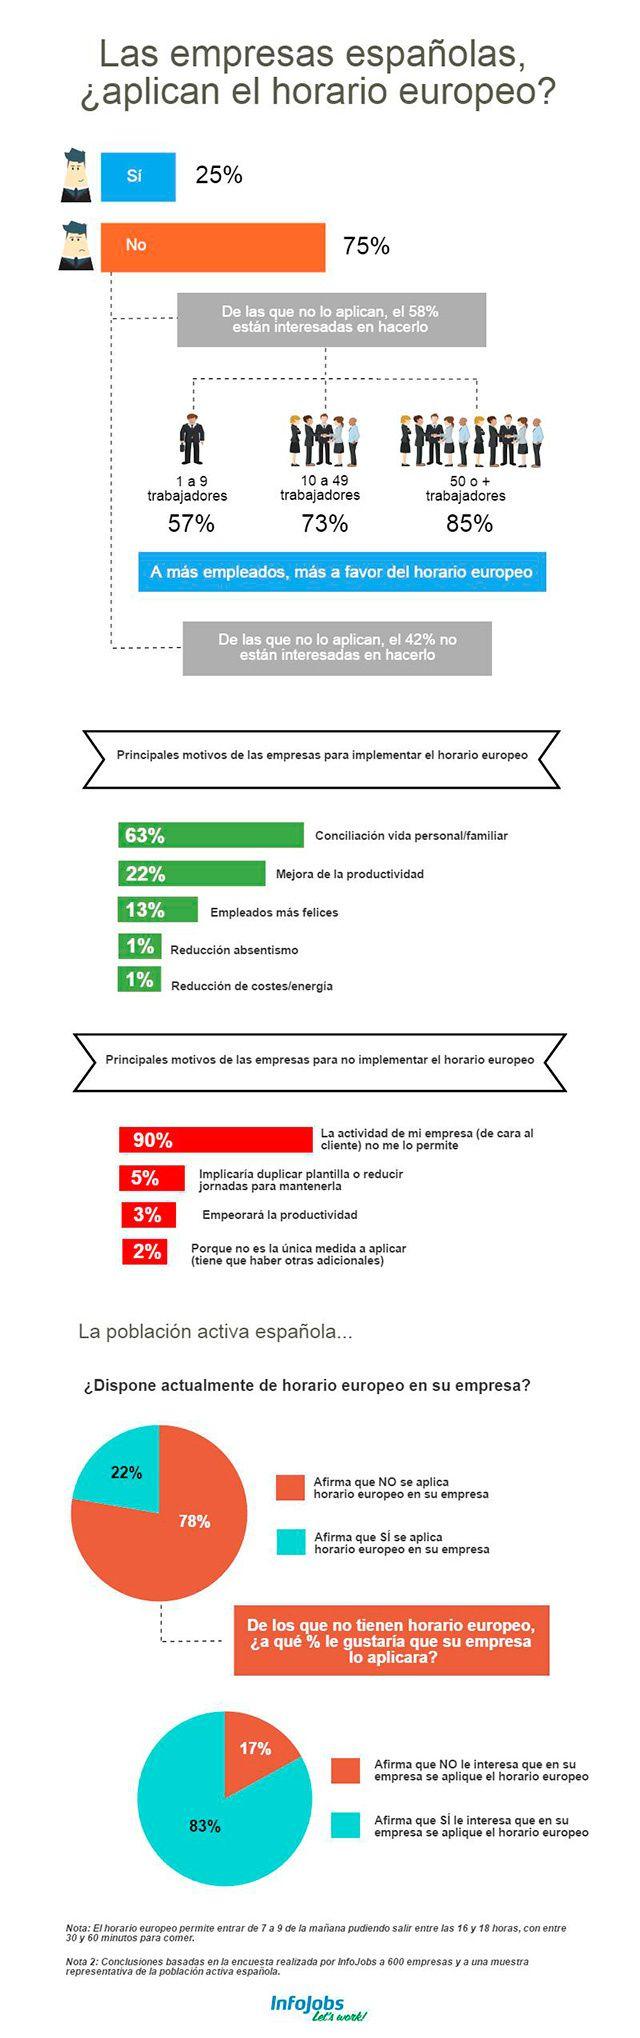 Las empresas españolas, ¿aplican el horario europeo? #infografia